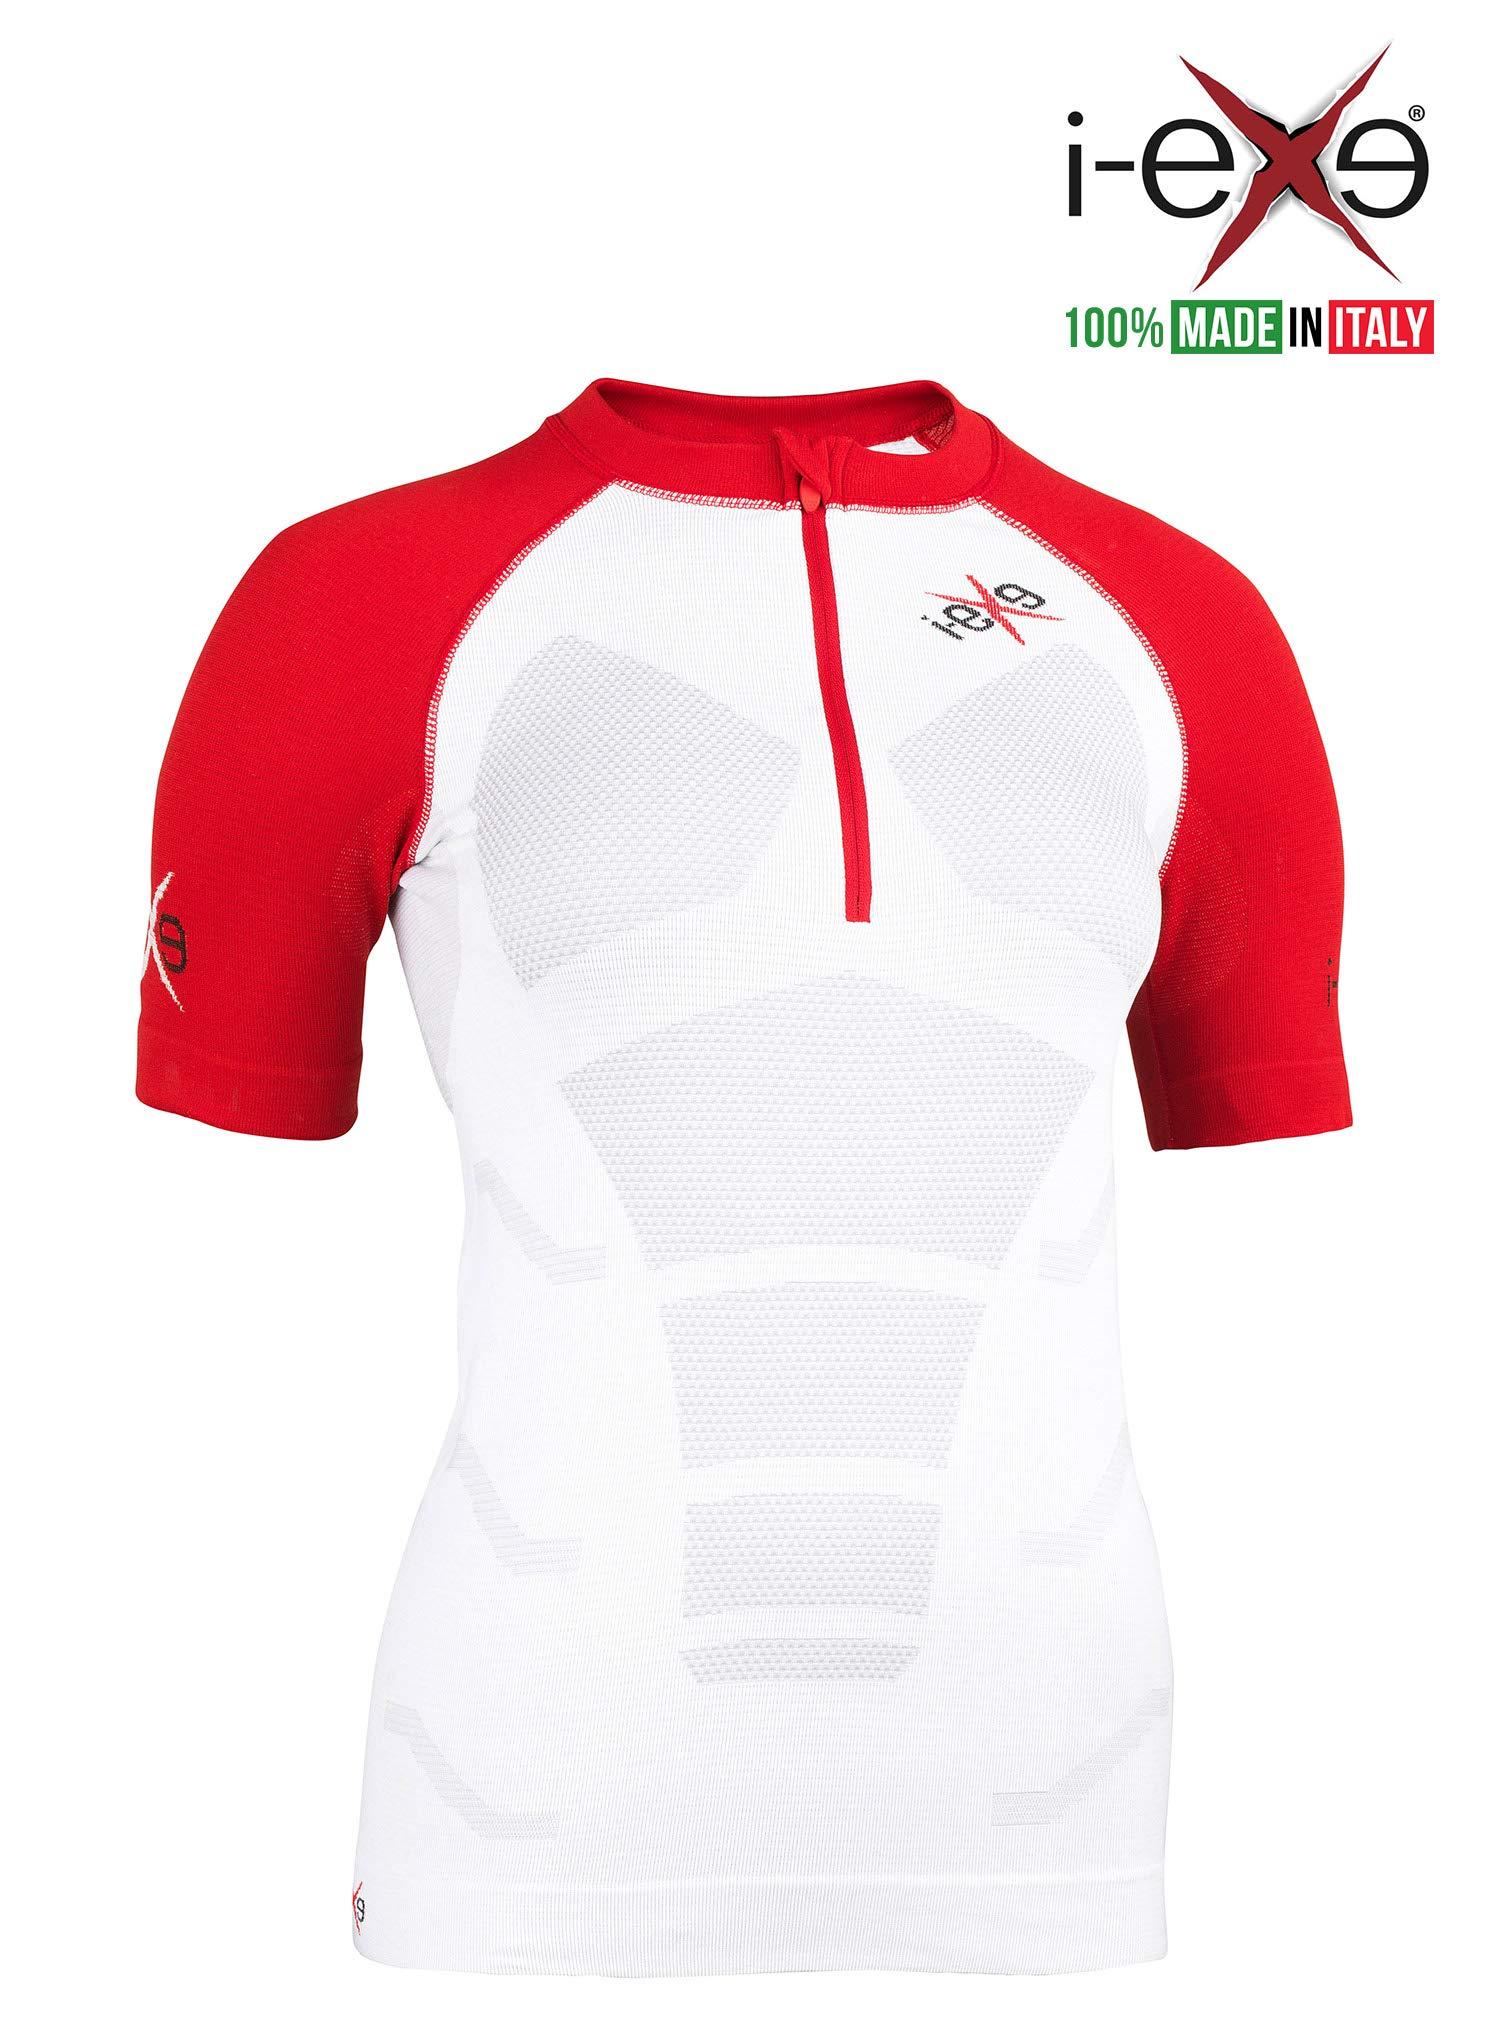 I-EXE Womens Compr T-Shirt CLR: White, SZ: S to M